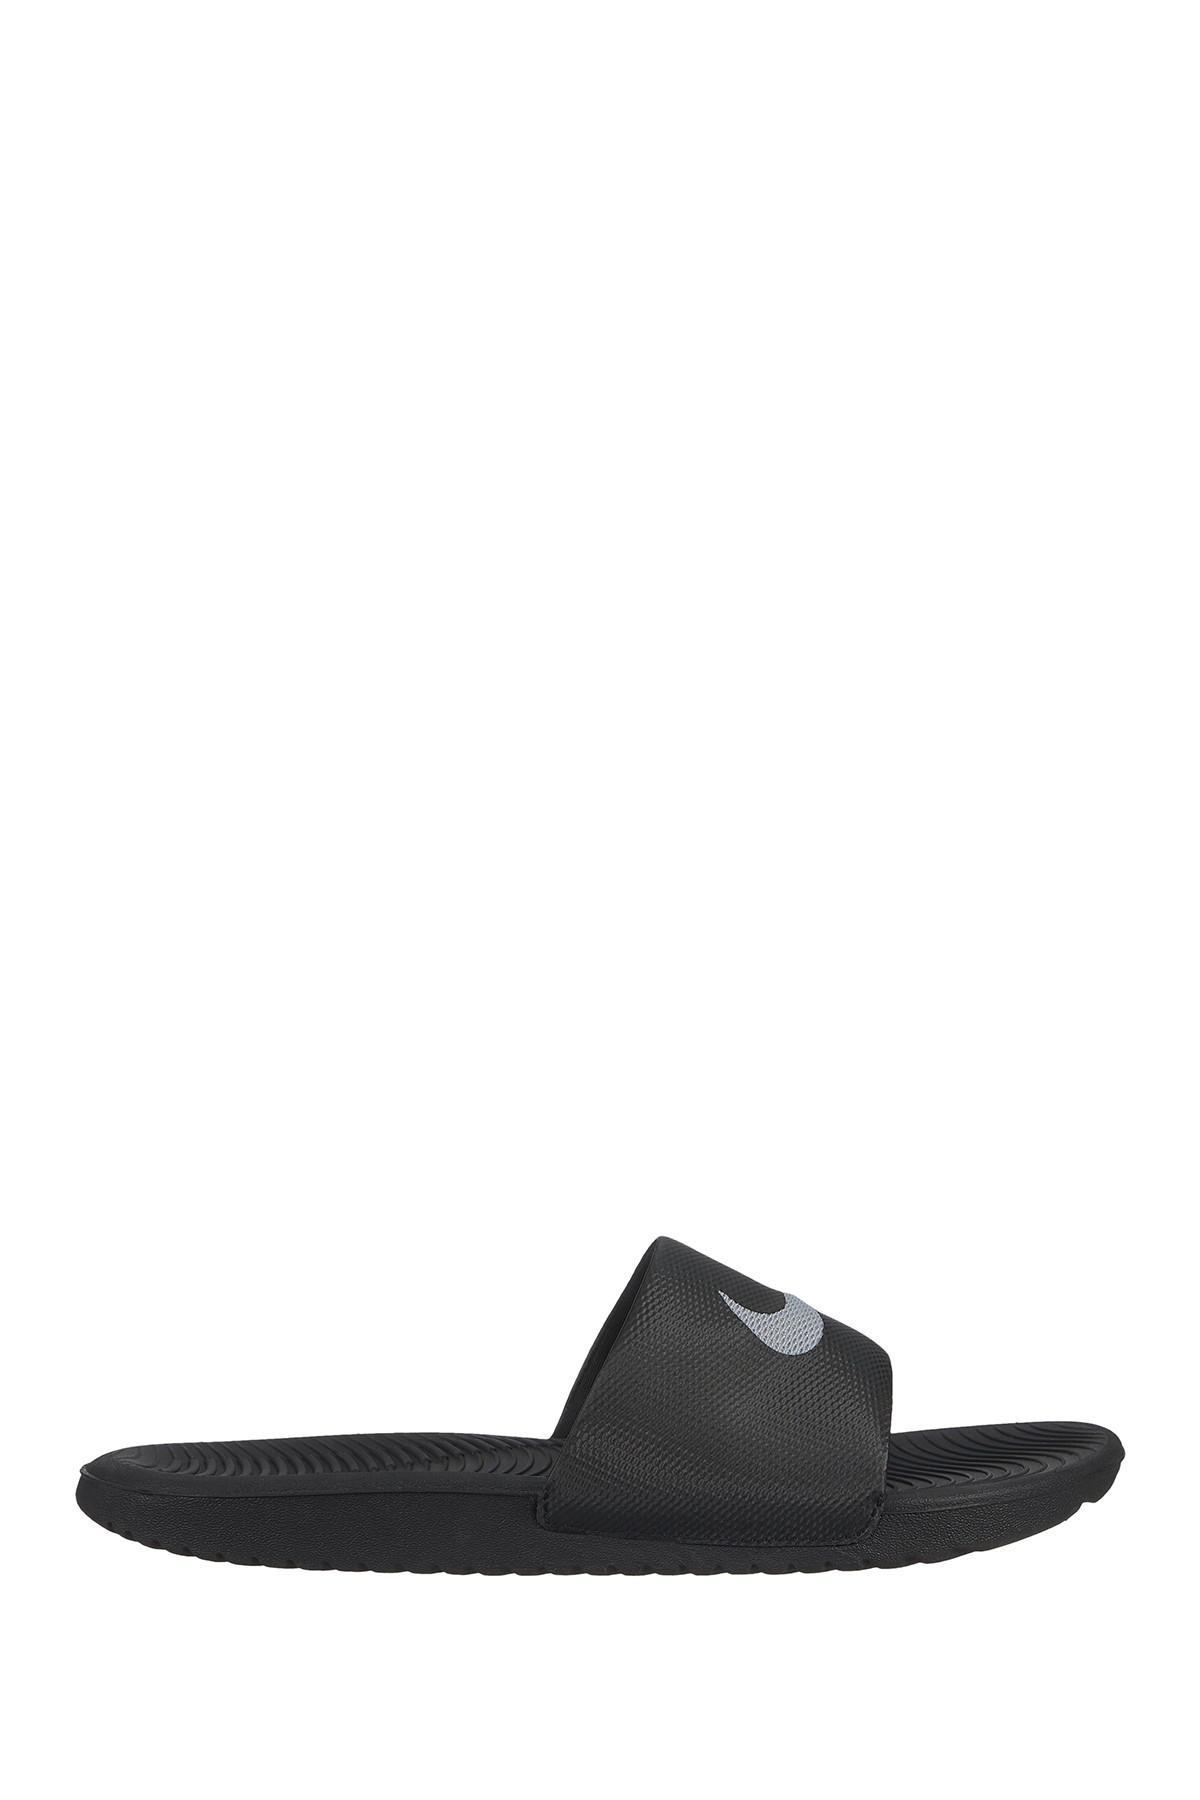 40c82f26781e Lyst - Nike Kawa Slide Sandal in Black